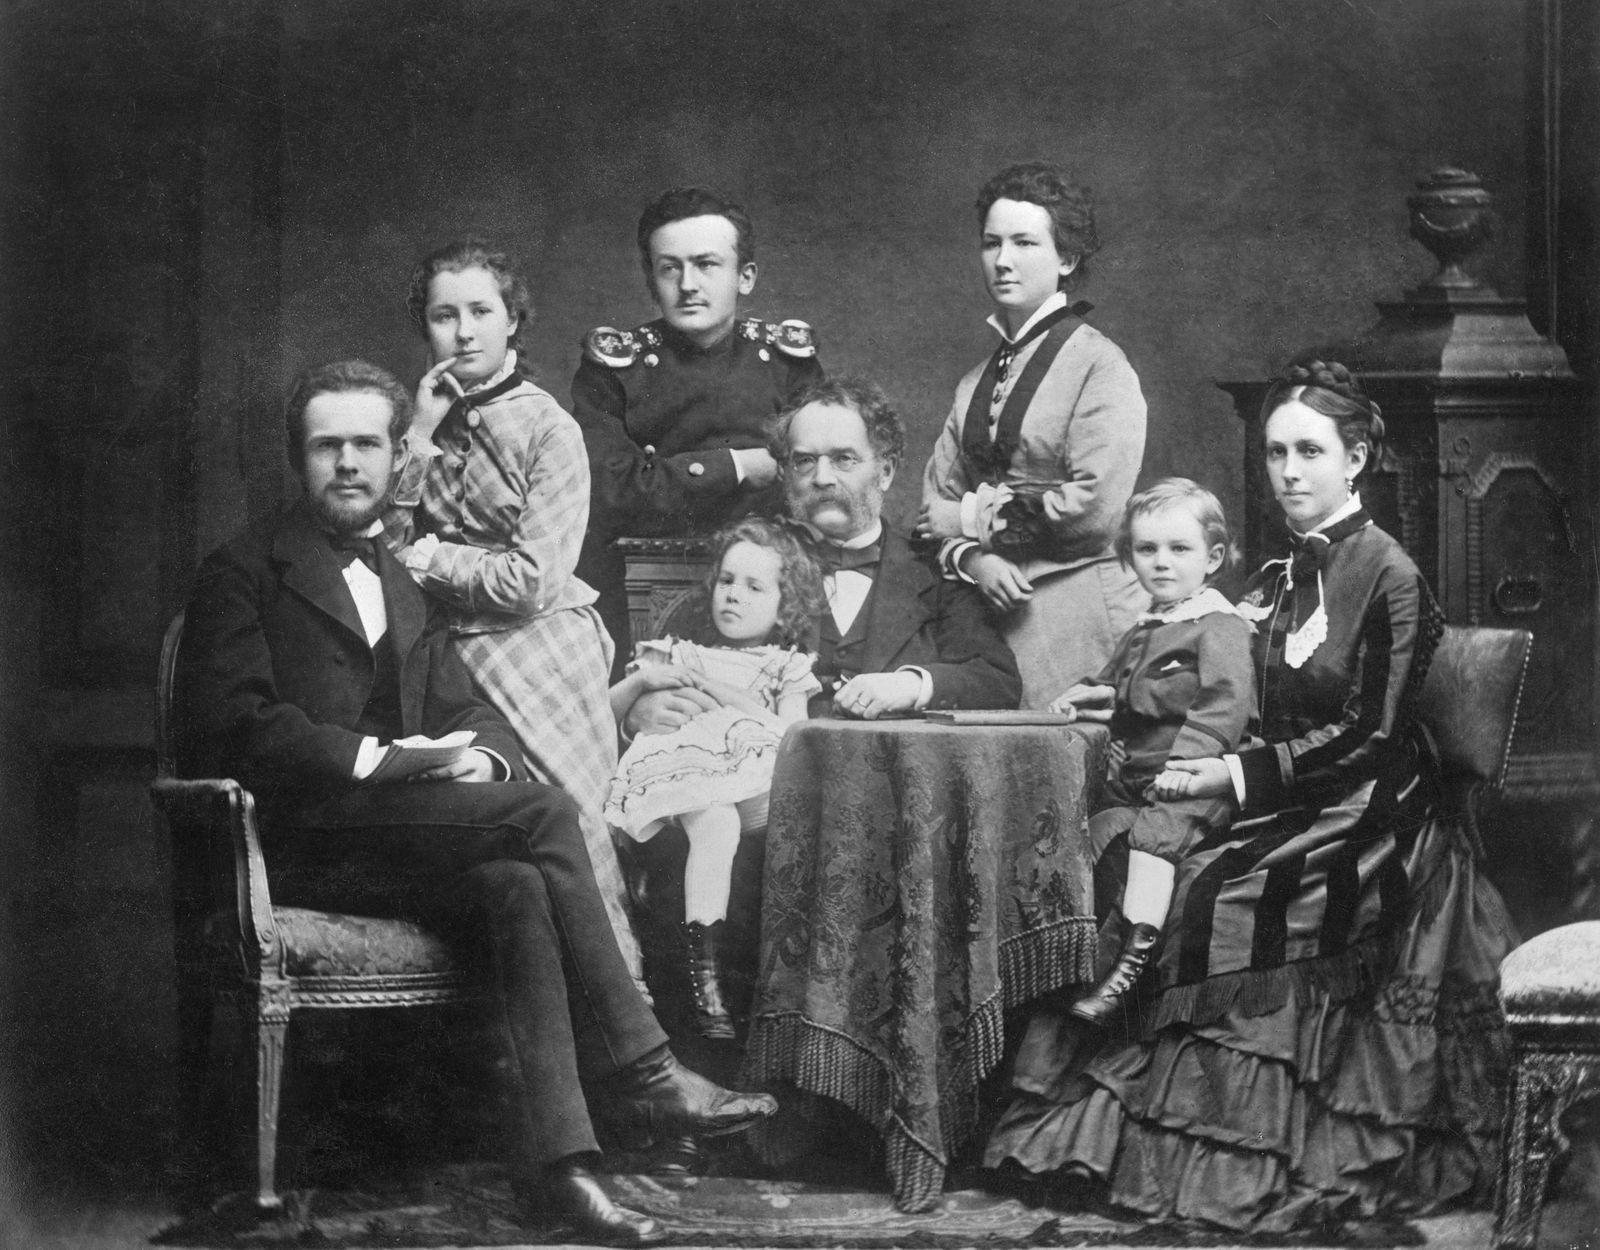 Windkraft Pioniere - Werner von Siemens mit seiner 2. Frau Antonie und Kindern